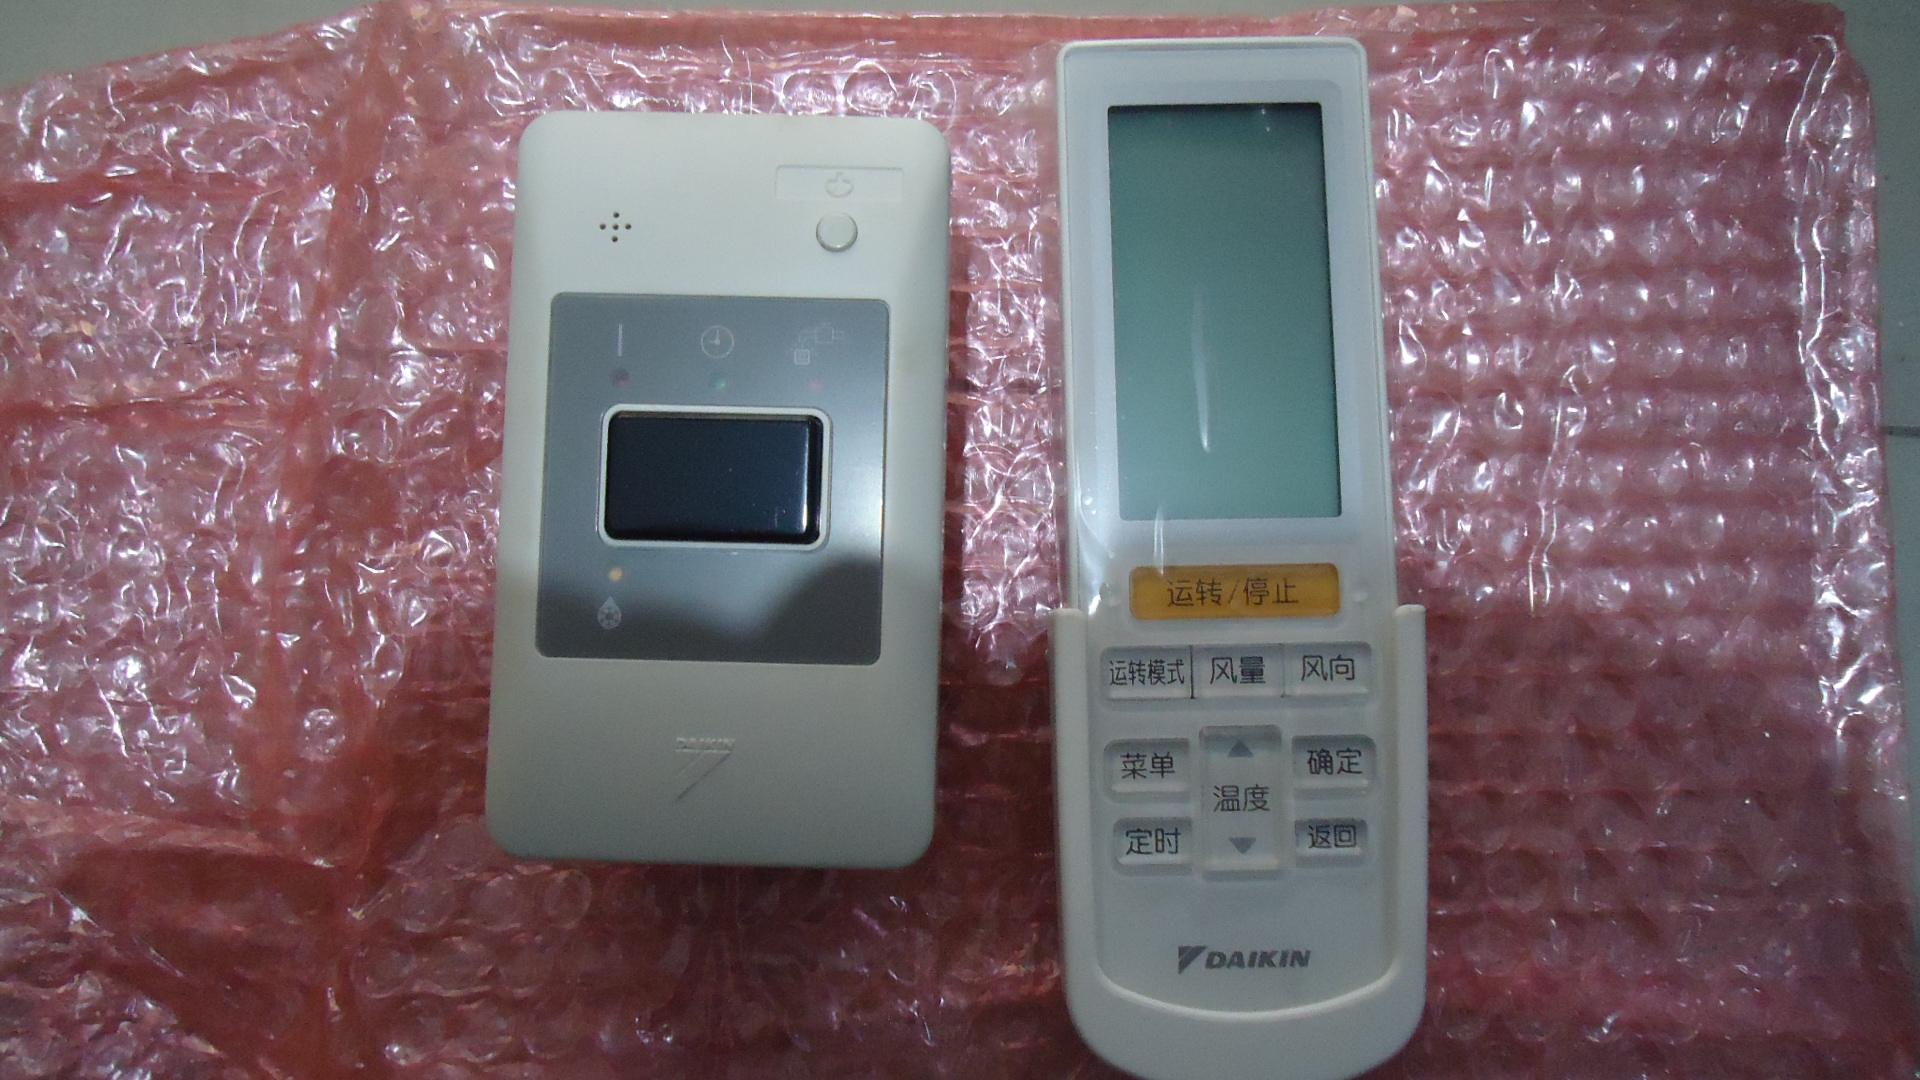 Nuevo aire acondicionado Daikin vrv BRC4L631 radio control remoto el componente comercial de la máquina universal vrv